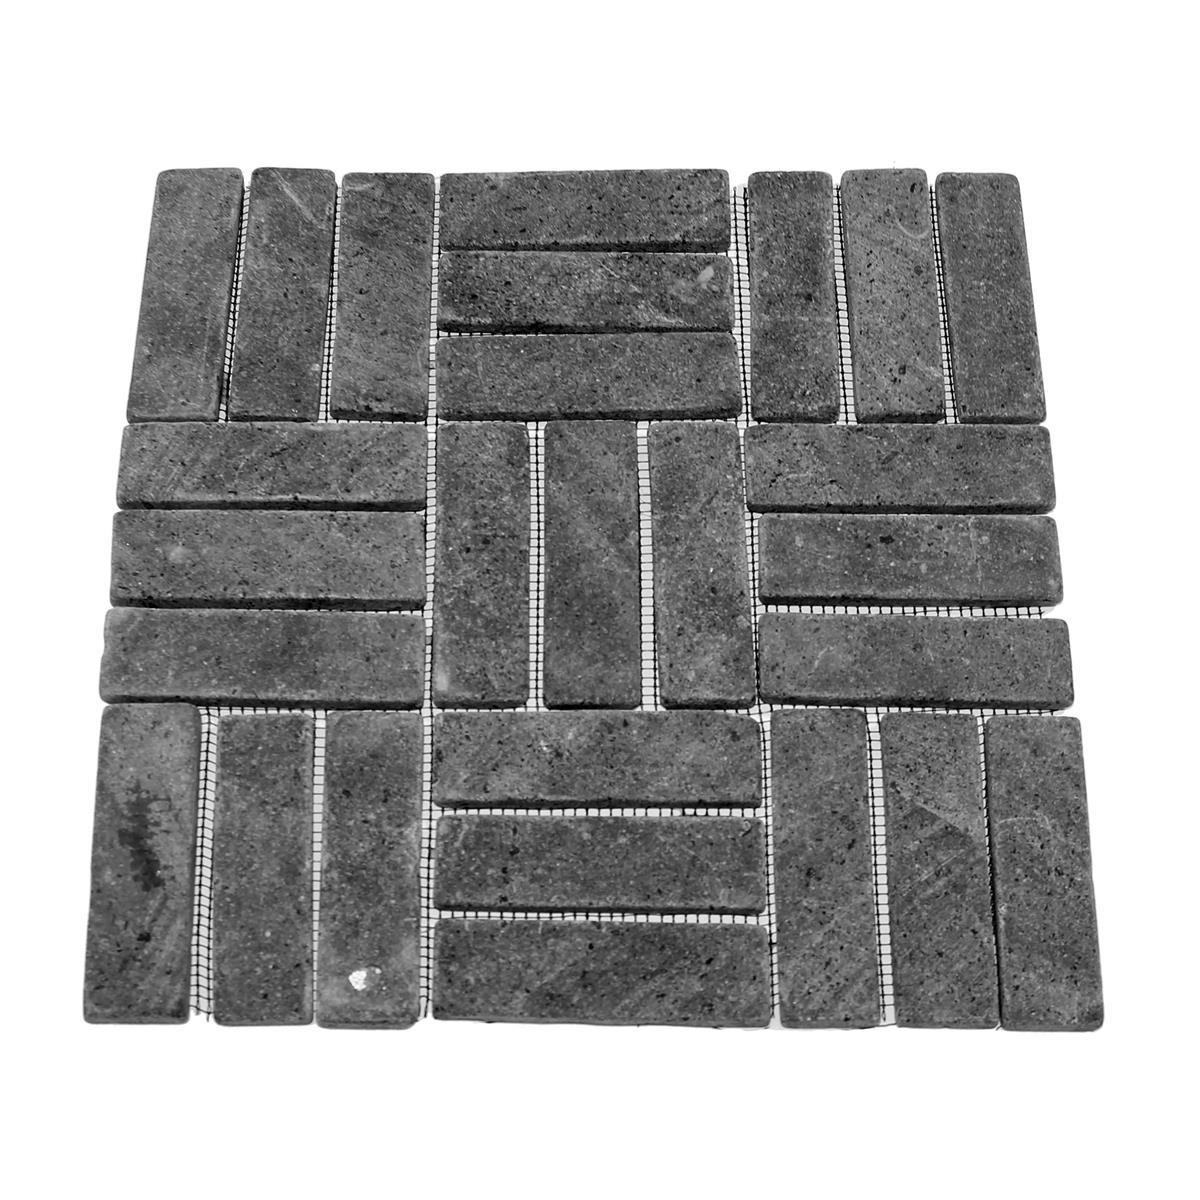 DIVERO Andesit Naturstein Stäbchen Mosaikfliesen 11 Matten Wand Boden anthrazit